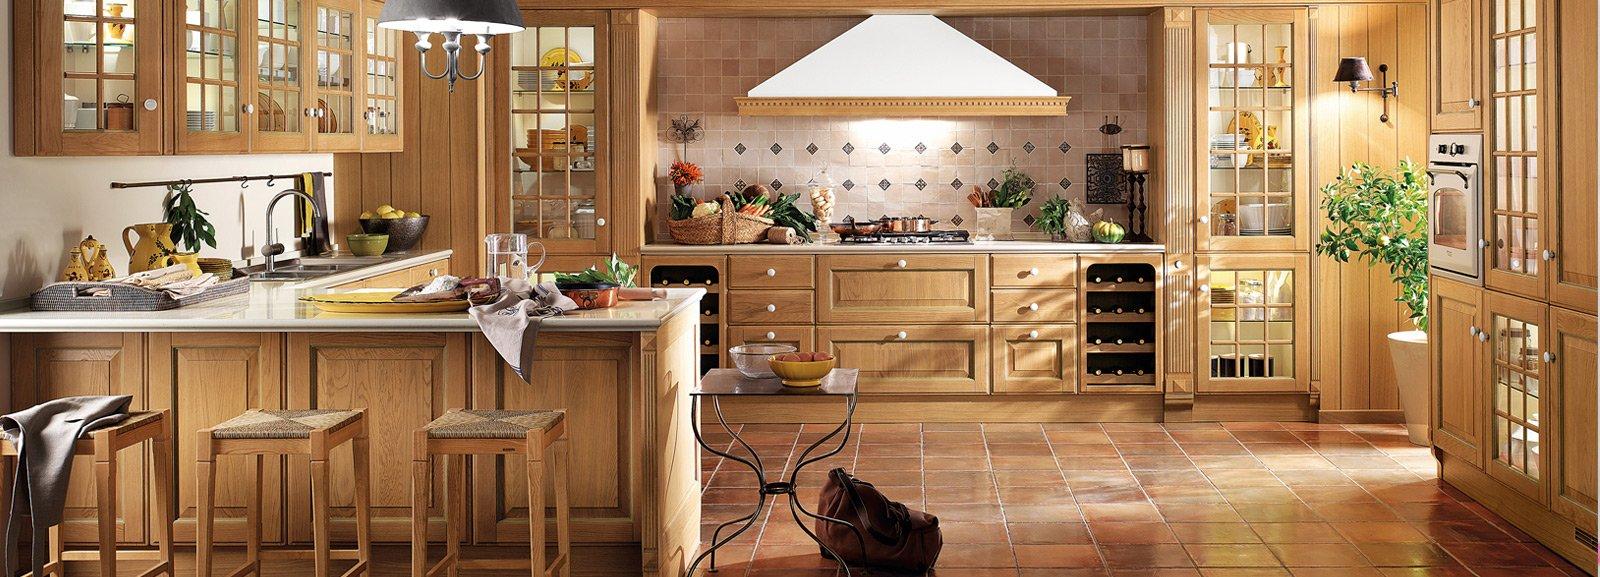 cucine country stile tradizionale o new classic cose di